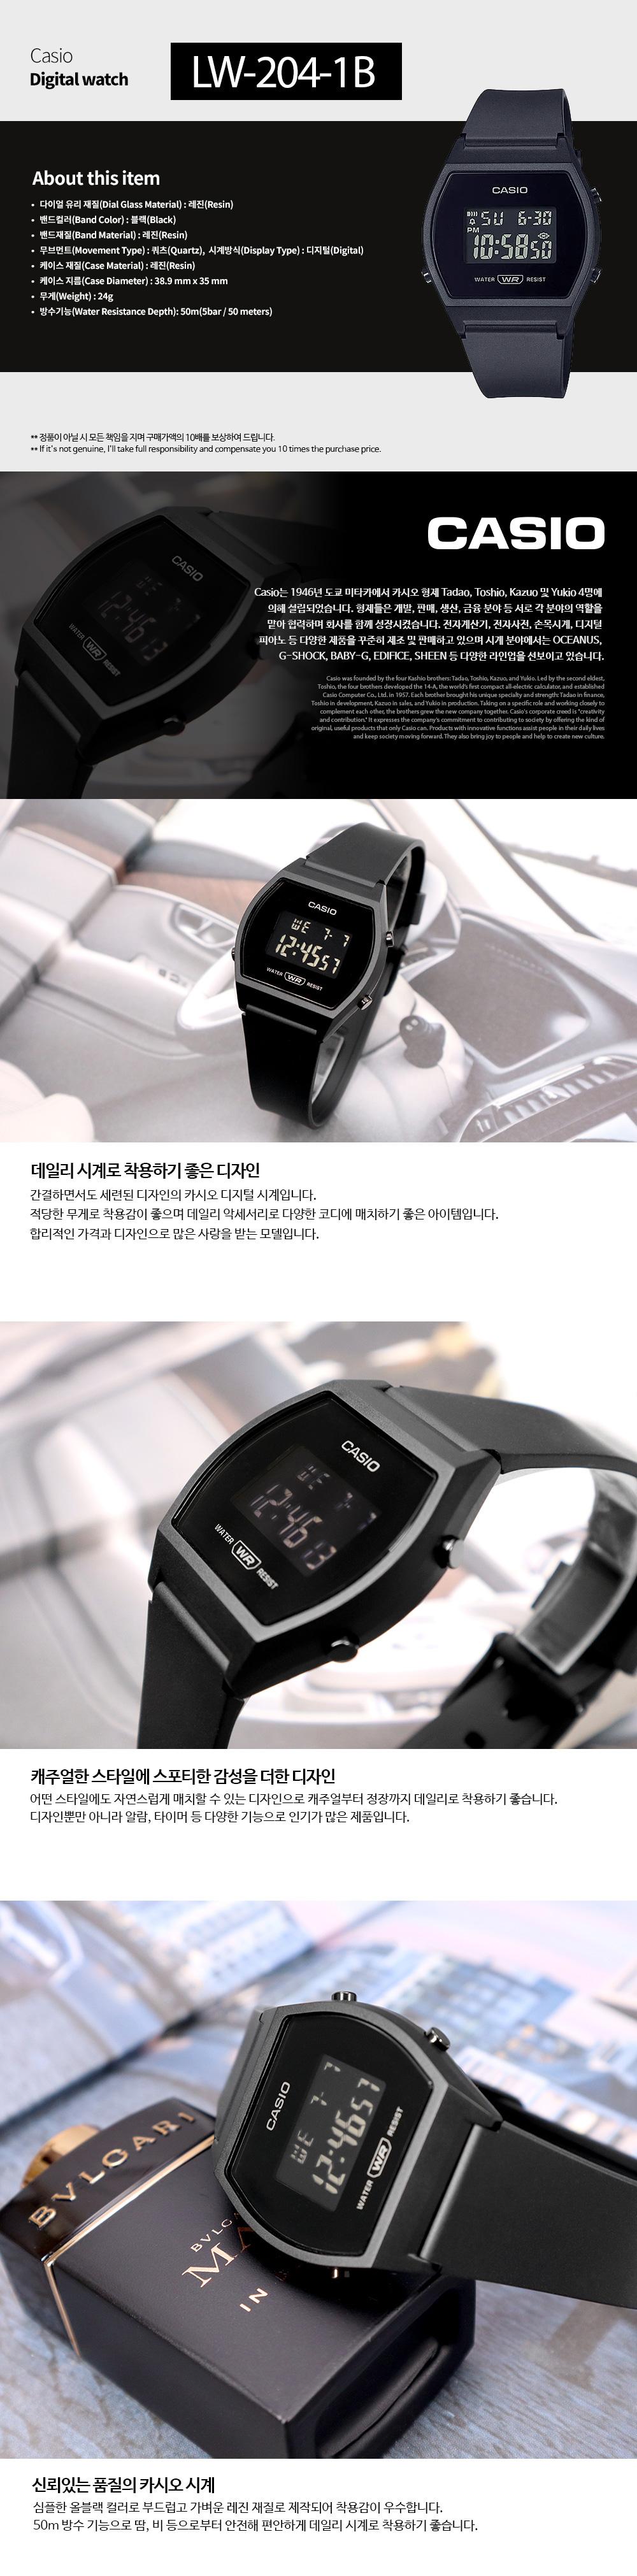 카시오(CASIO) LW-204-1B 여성 올블랙 스포츠 손목 시계